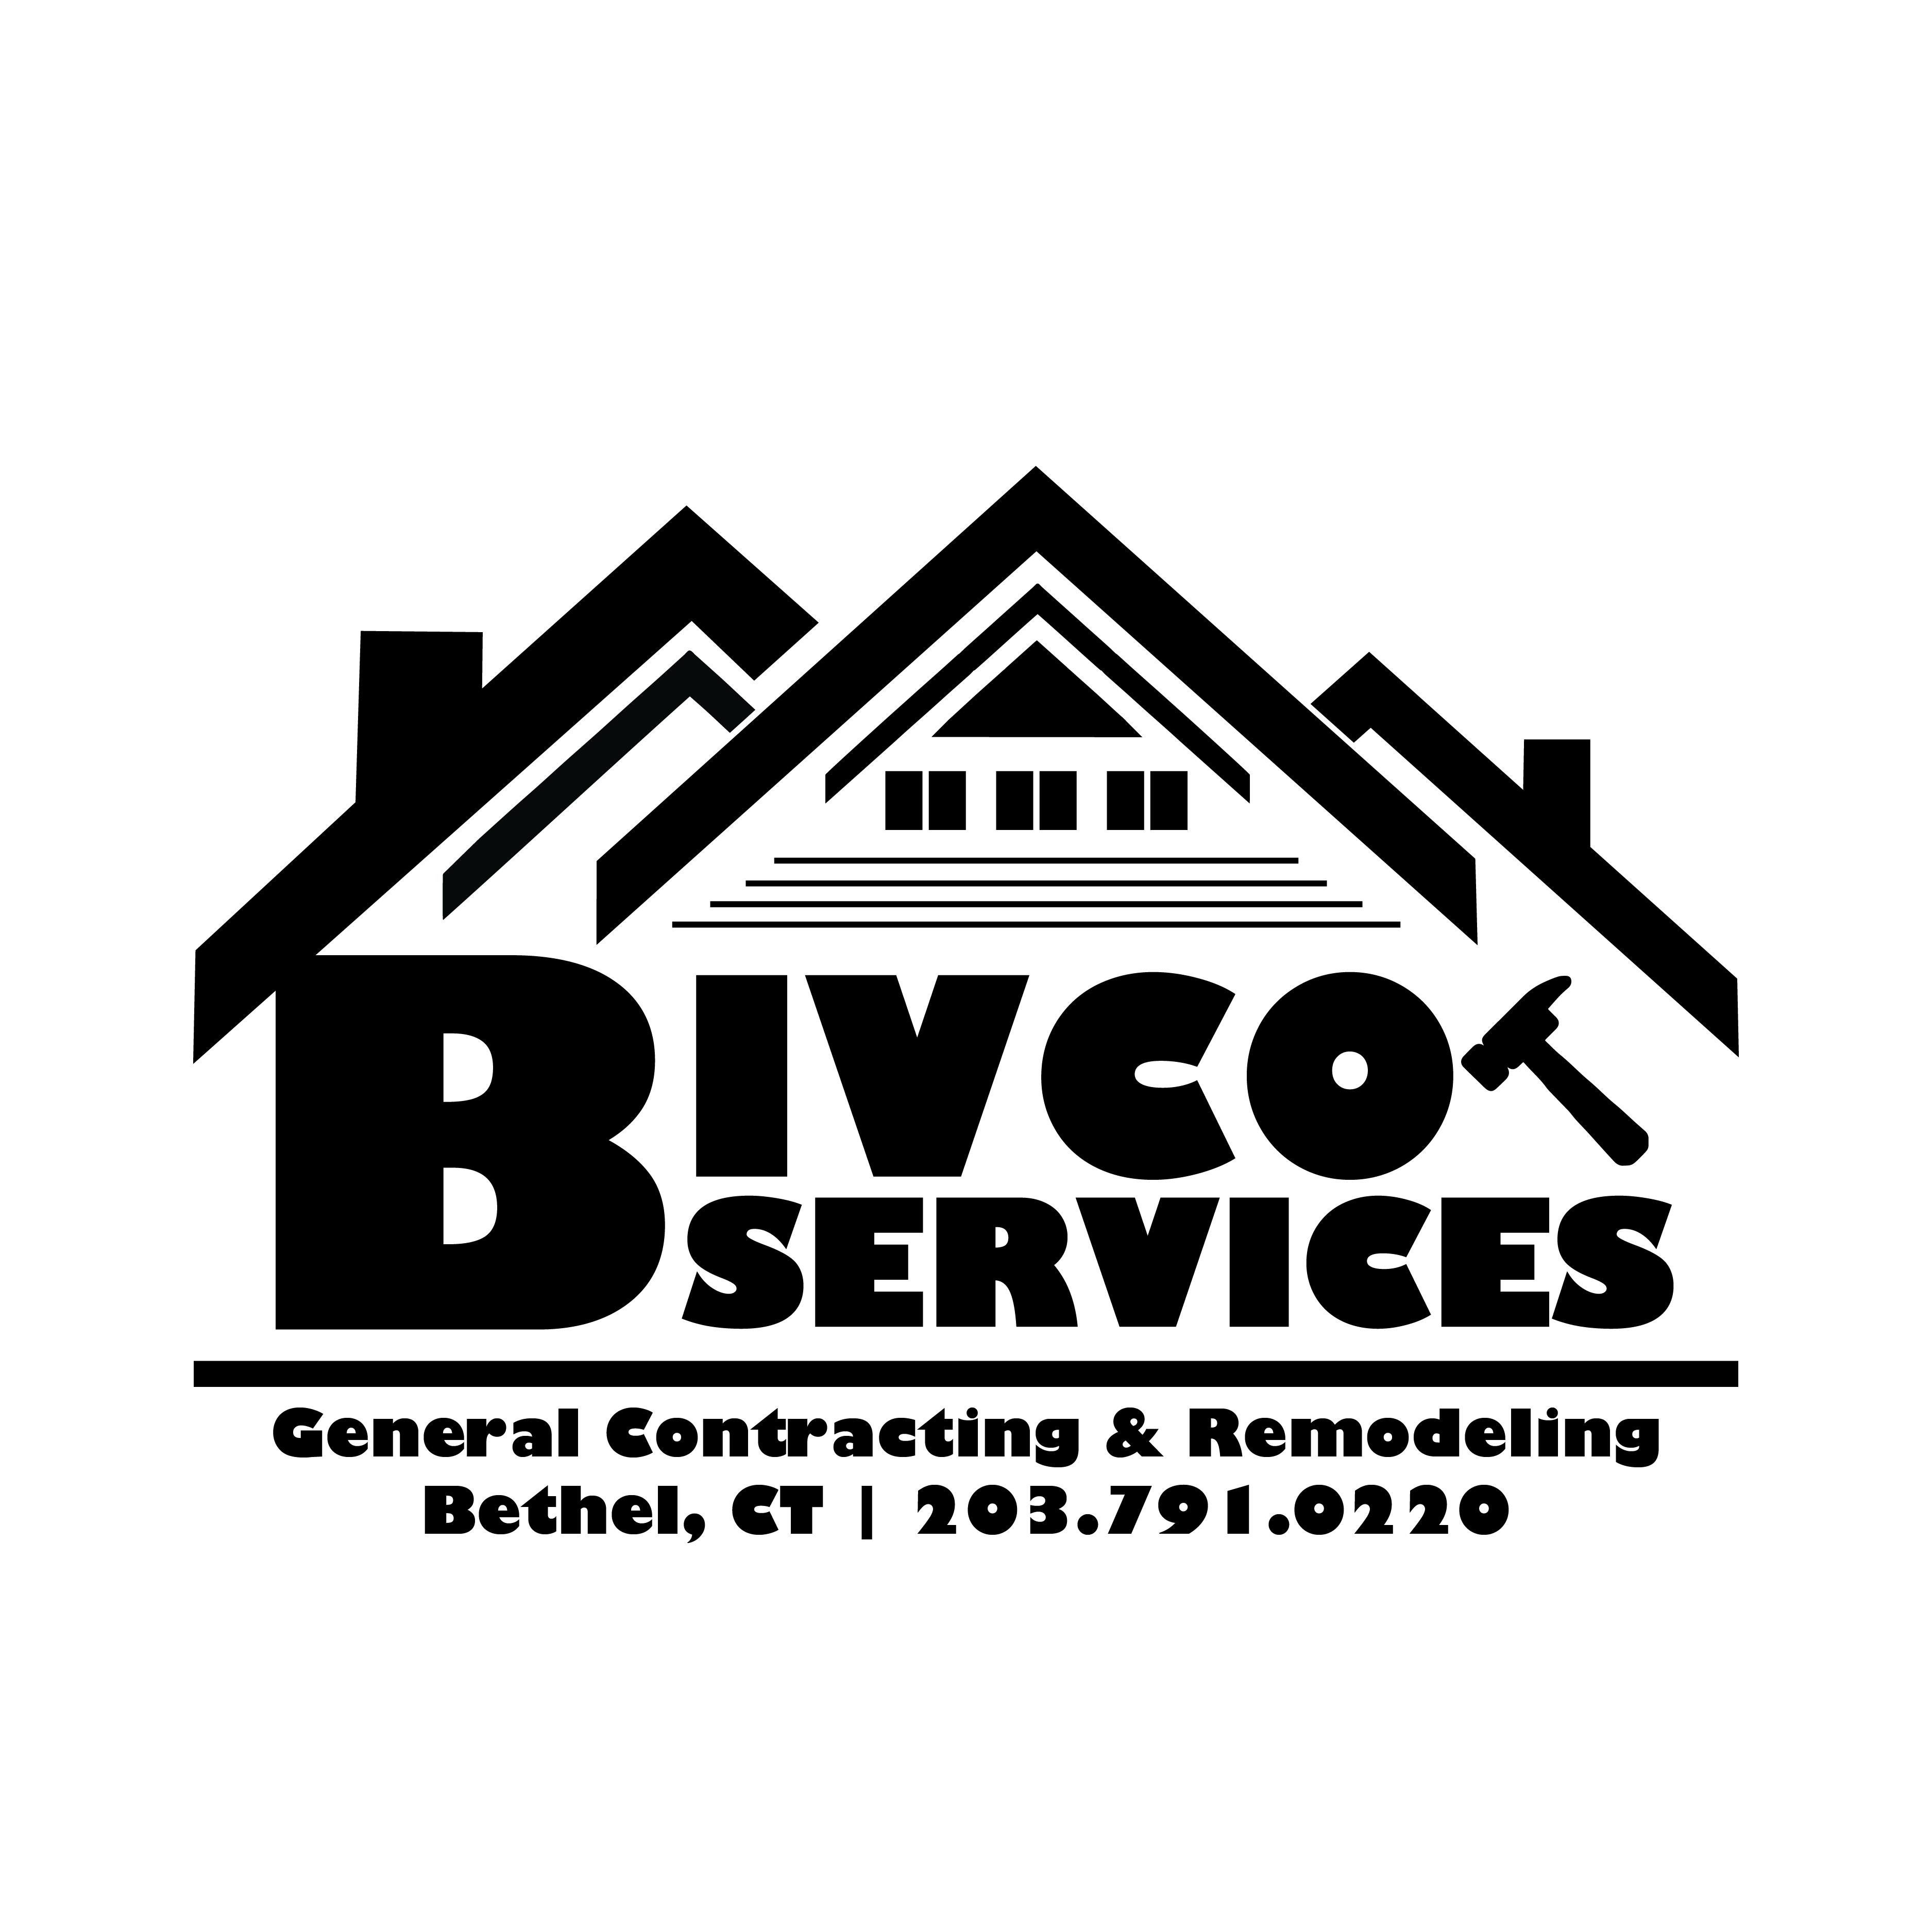 Bivco Services